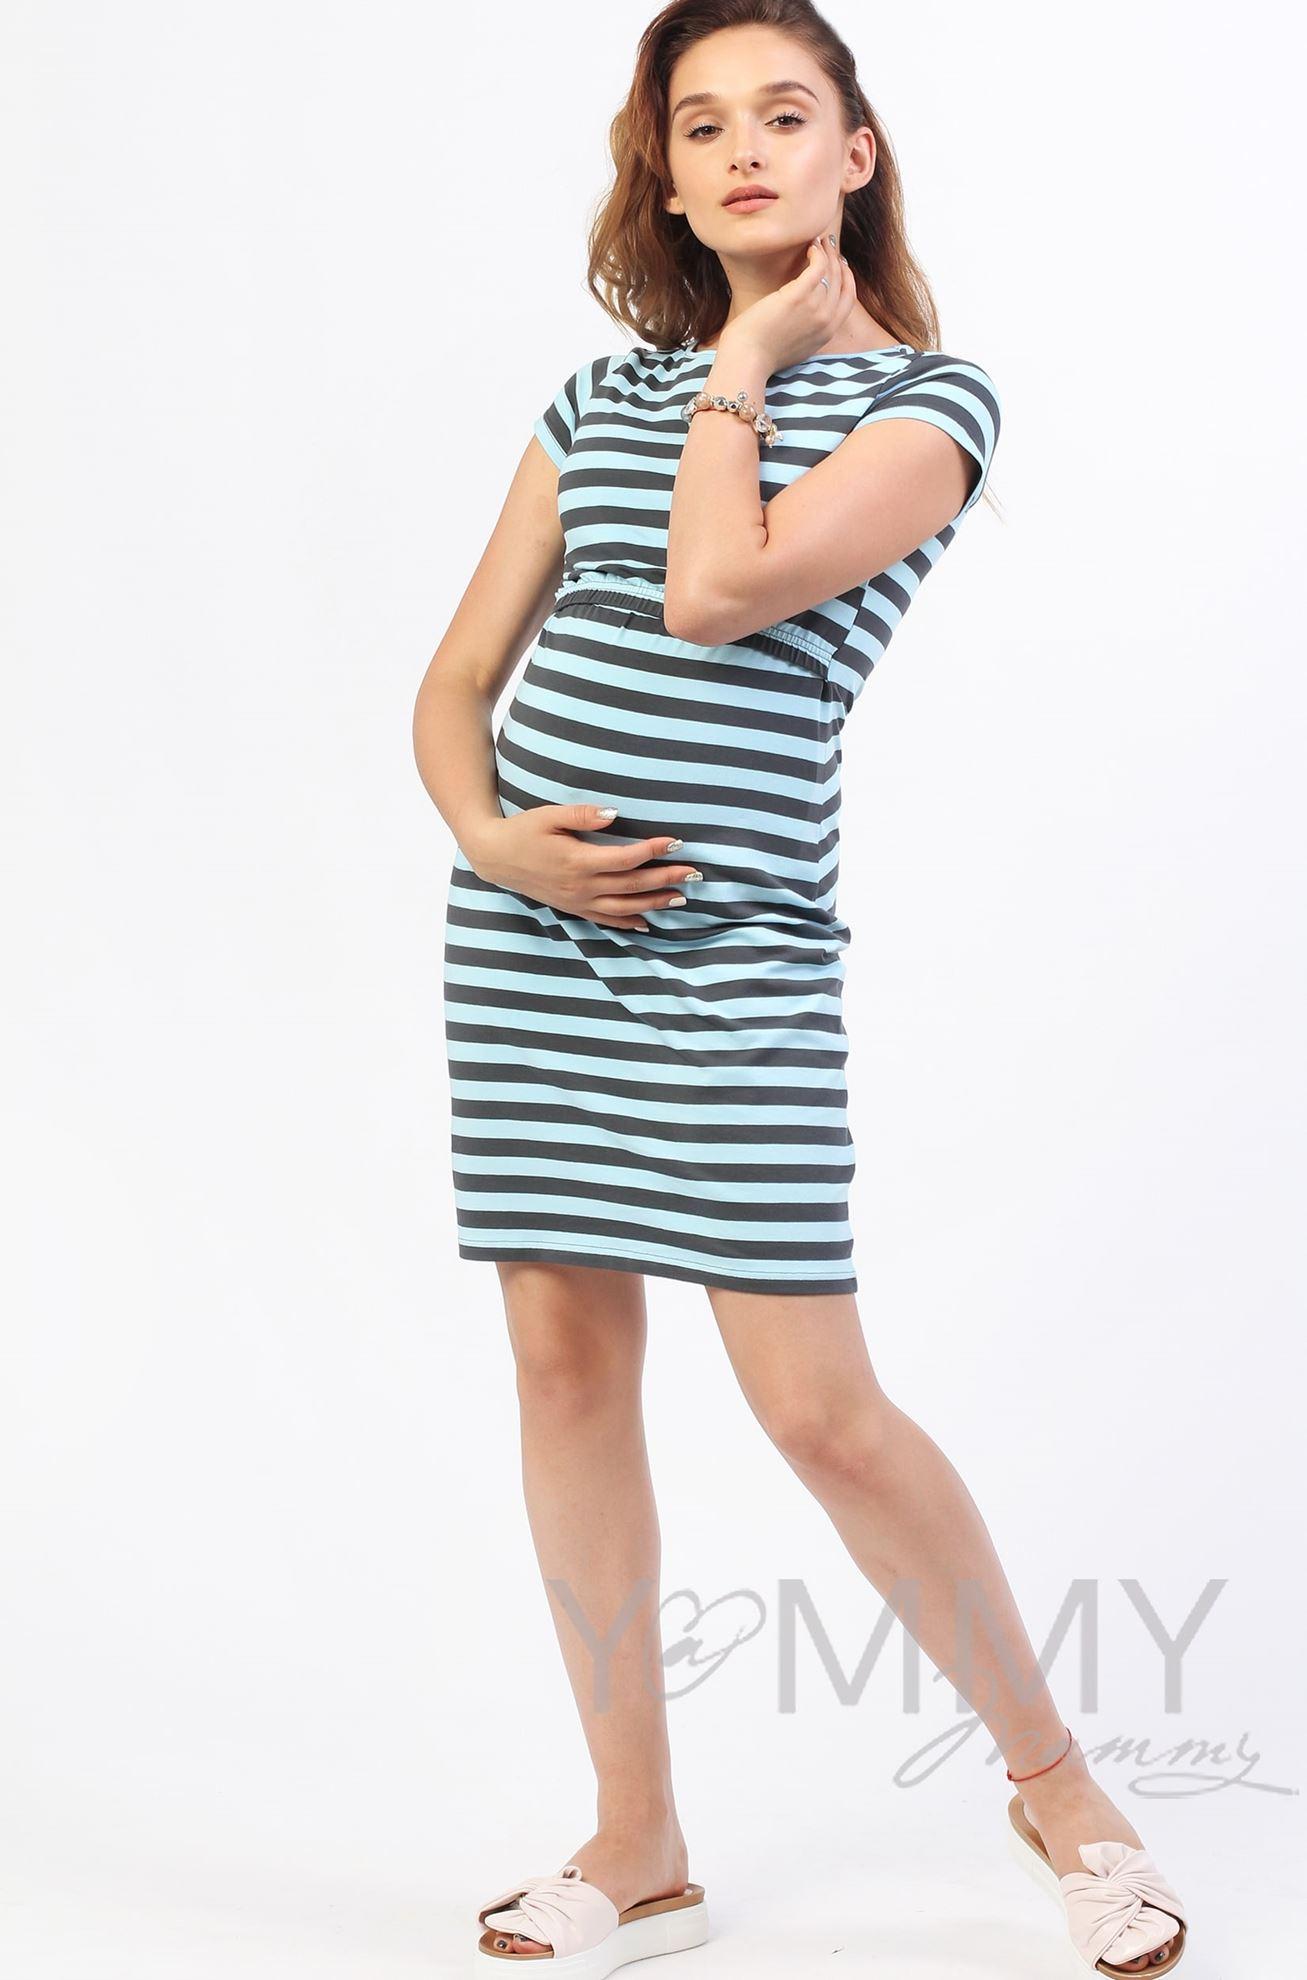 Изображение                               Платье голубое в серую полоску